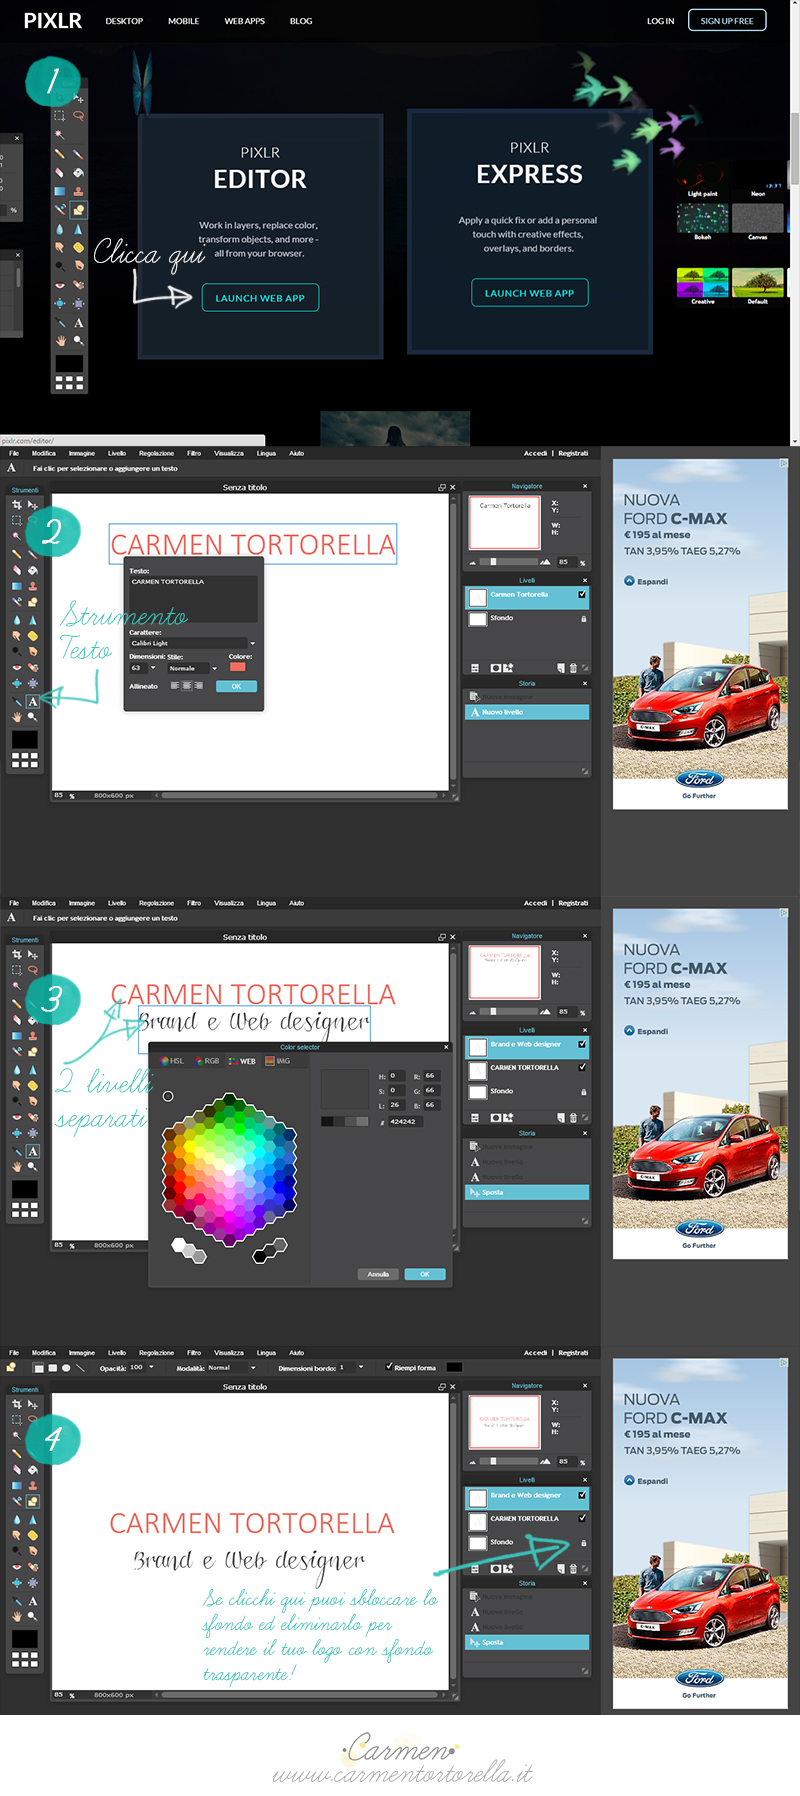 Pixlr editor come photoshop ma free e online carmen tortorella - A finestra carmen consoli testo ...